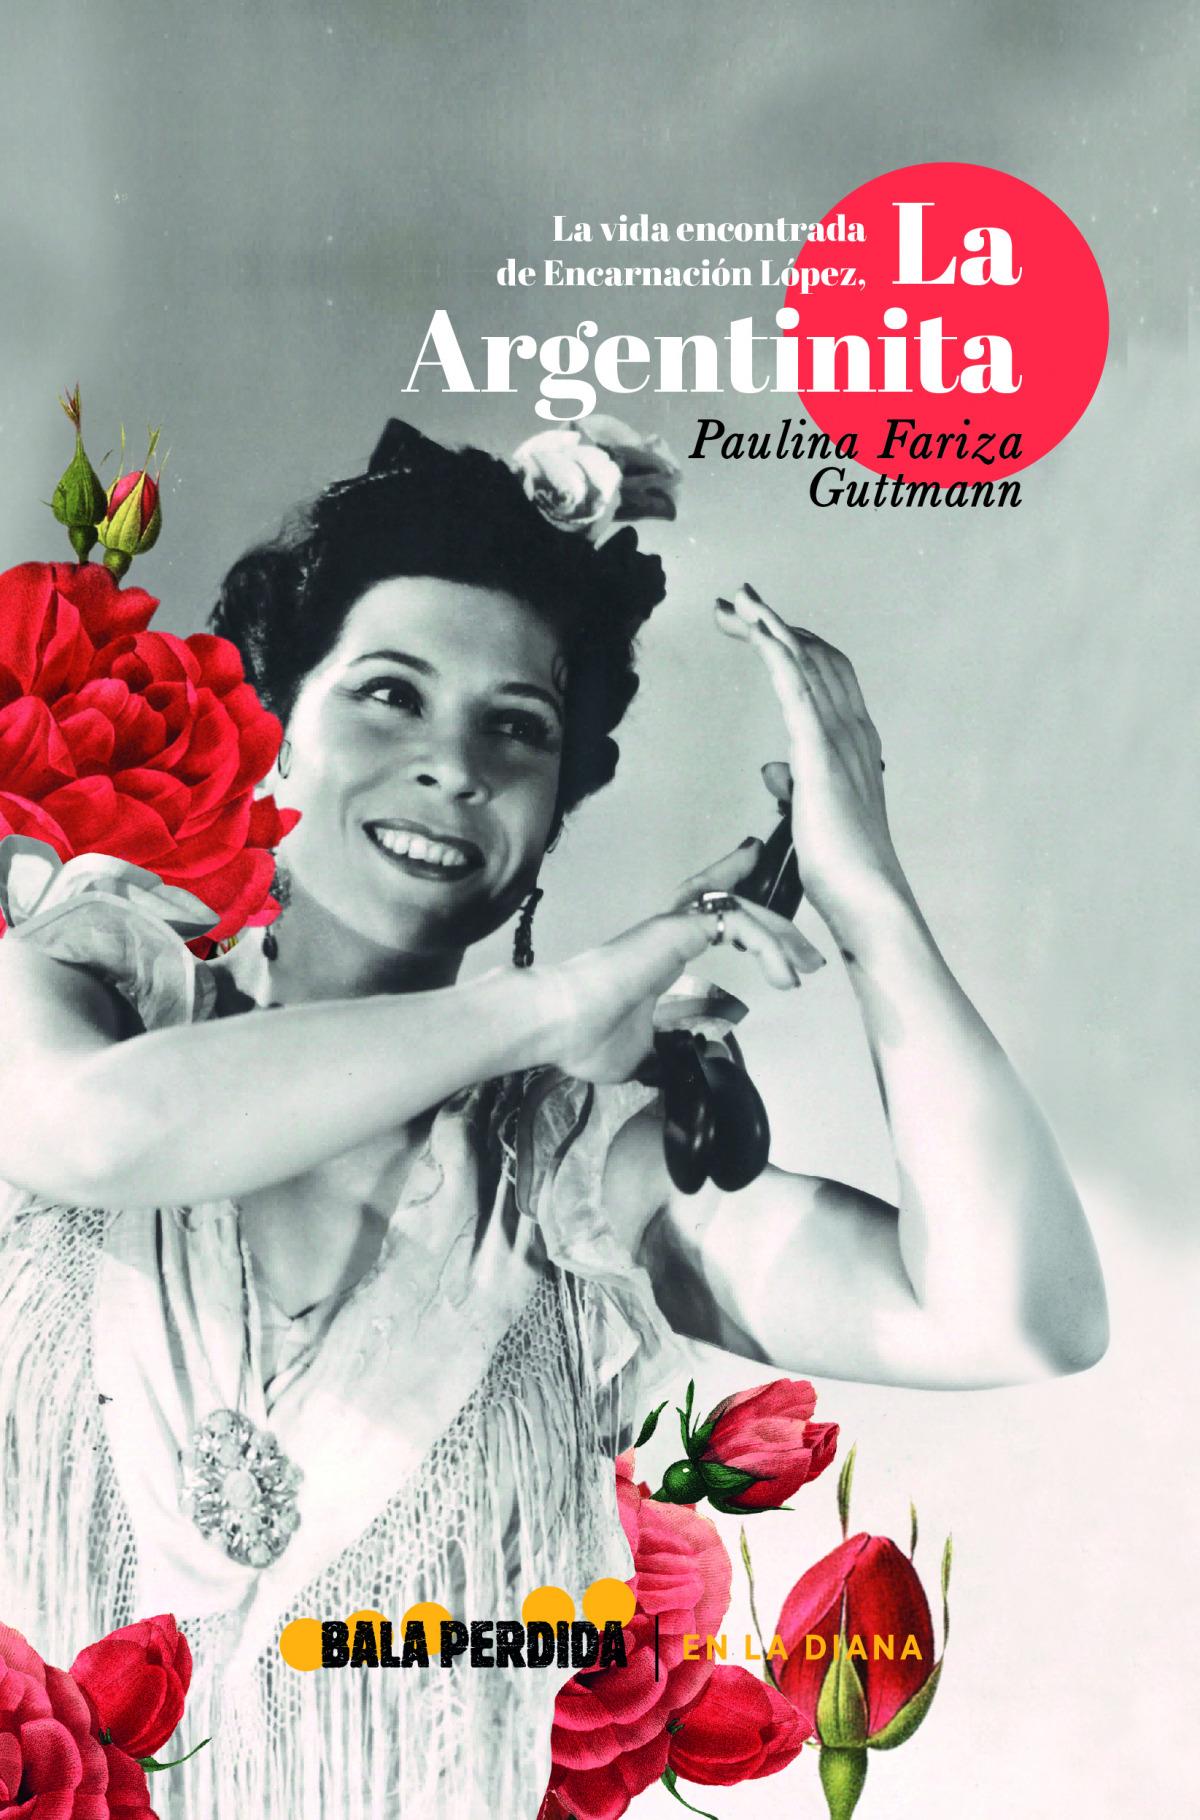 La vida encontrada de Encarnación López, La Argentinita